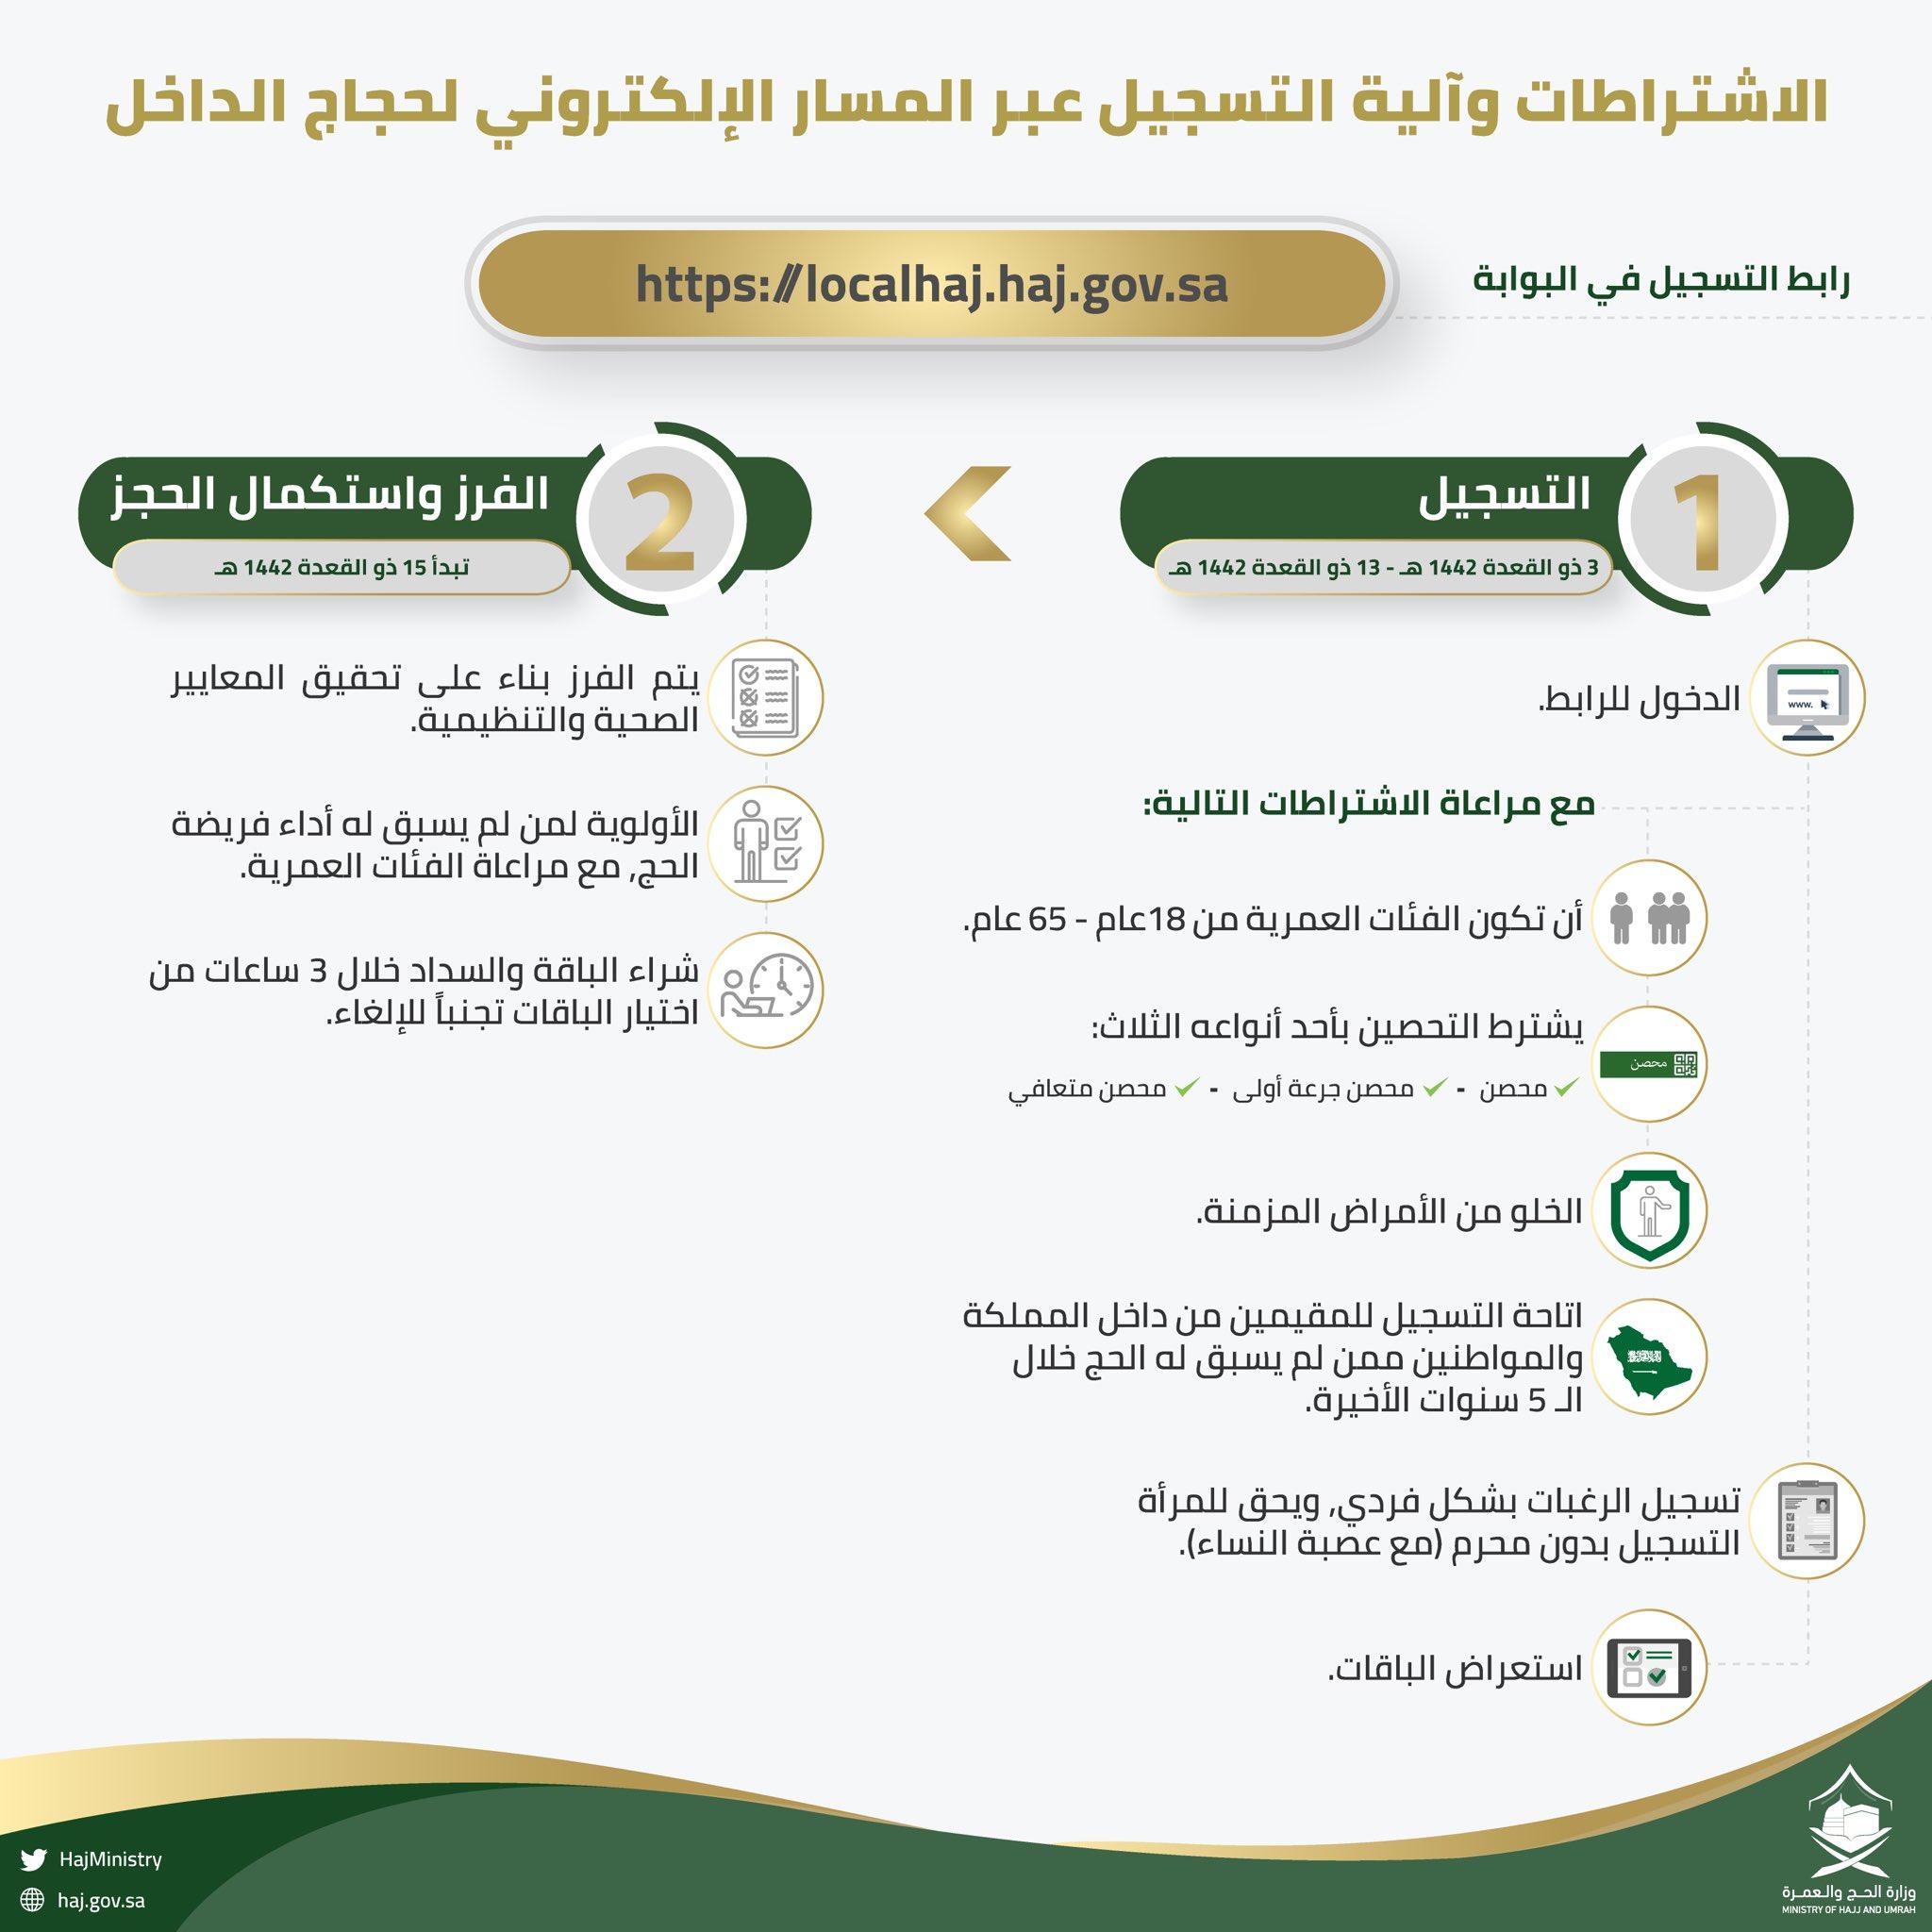 شروط وضوابط التسجيل في الحج 2021